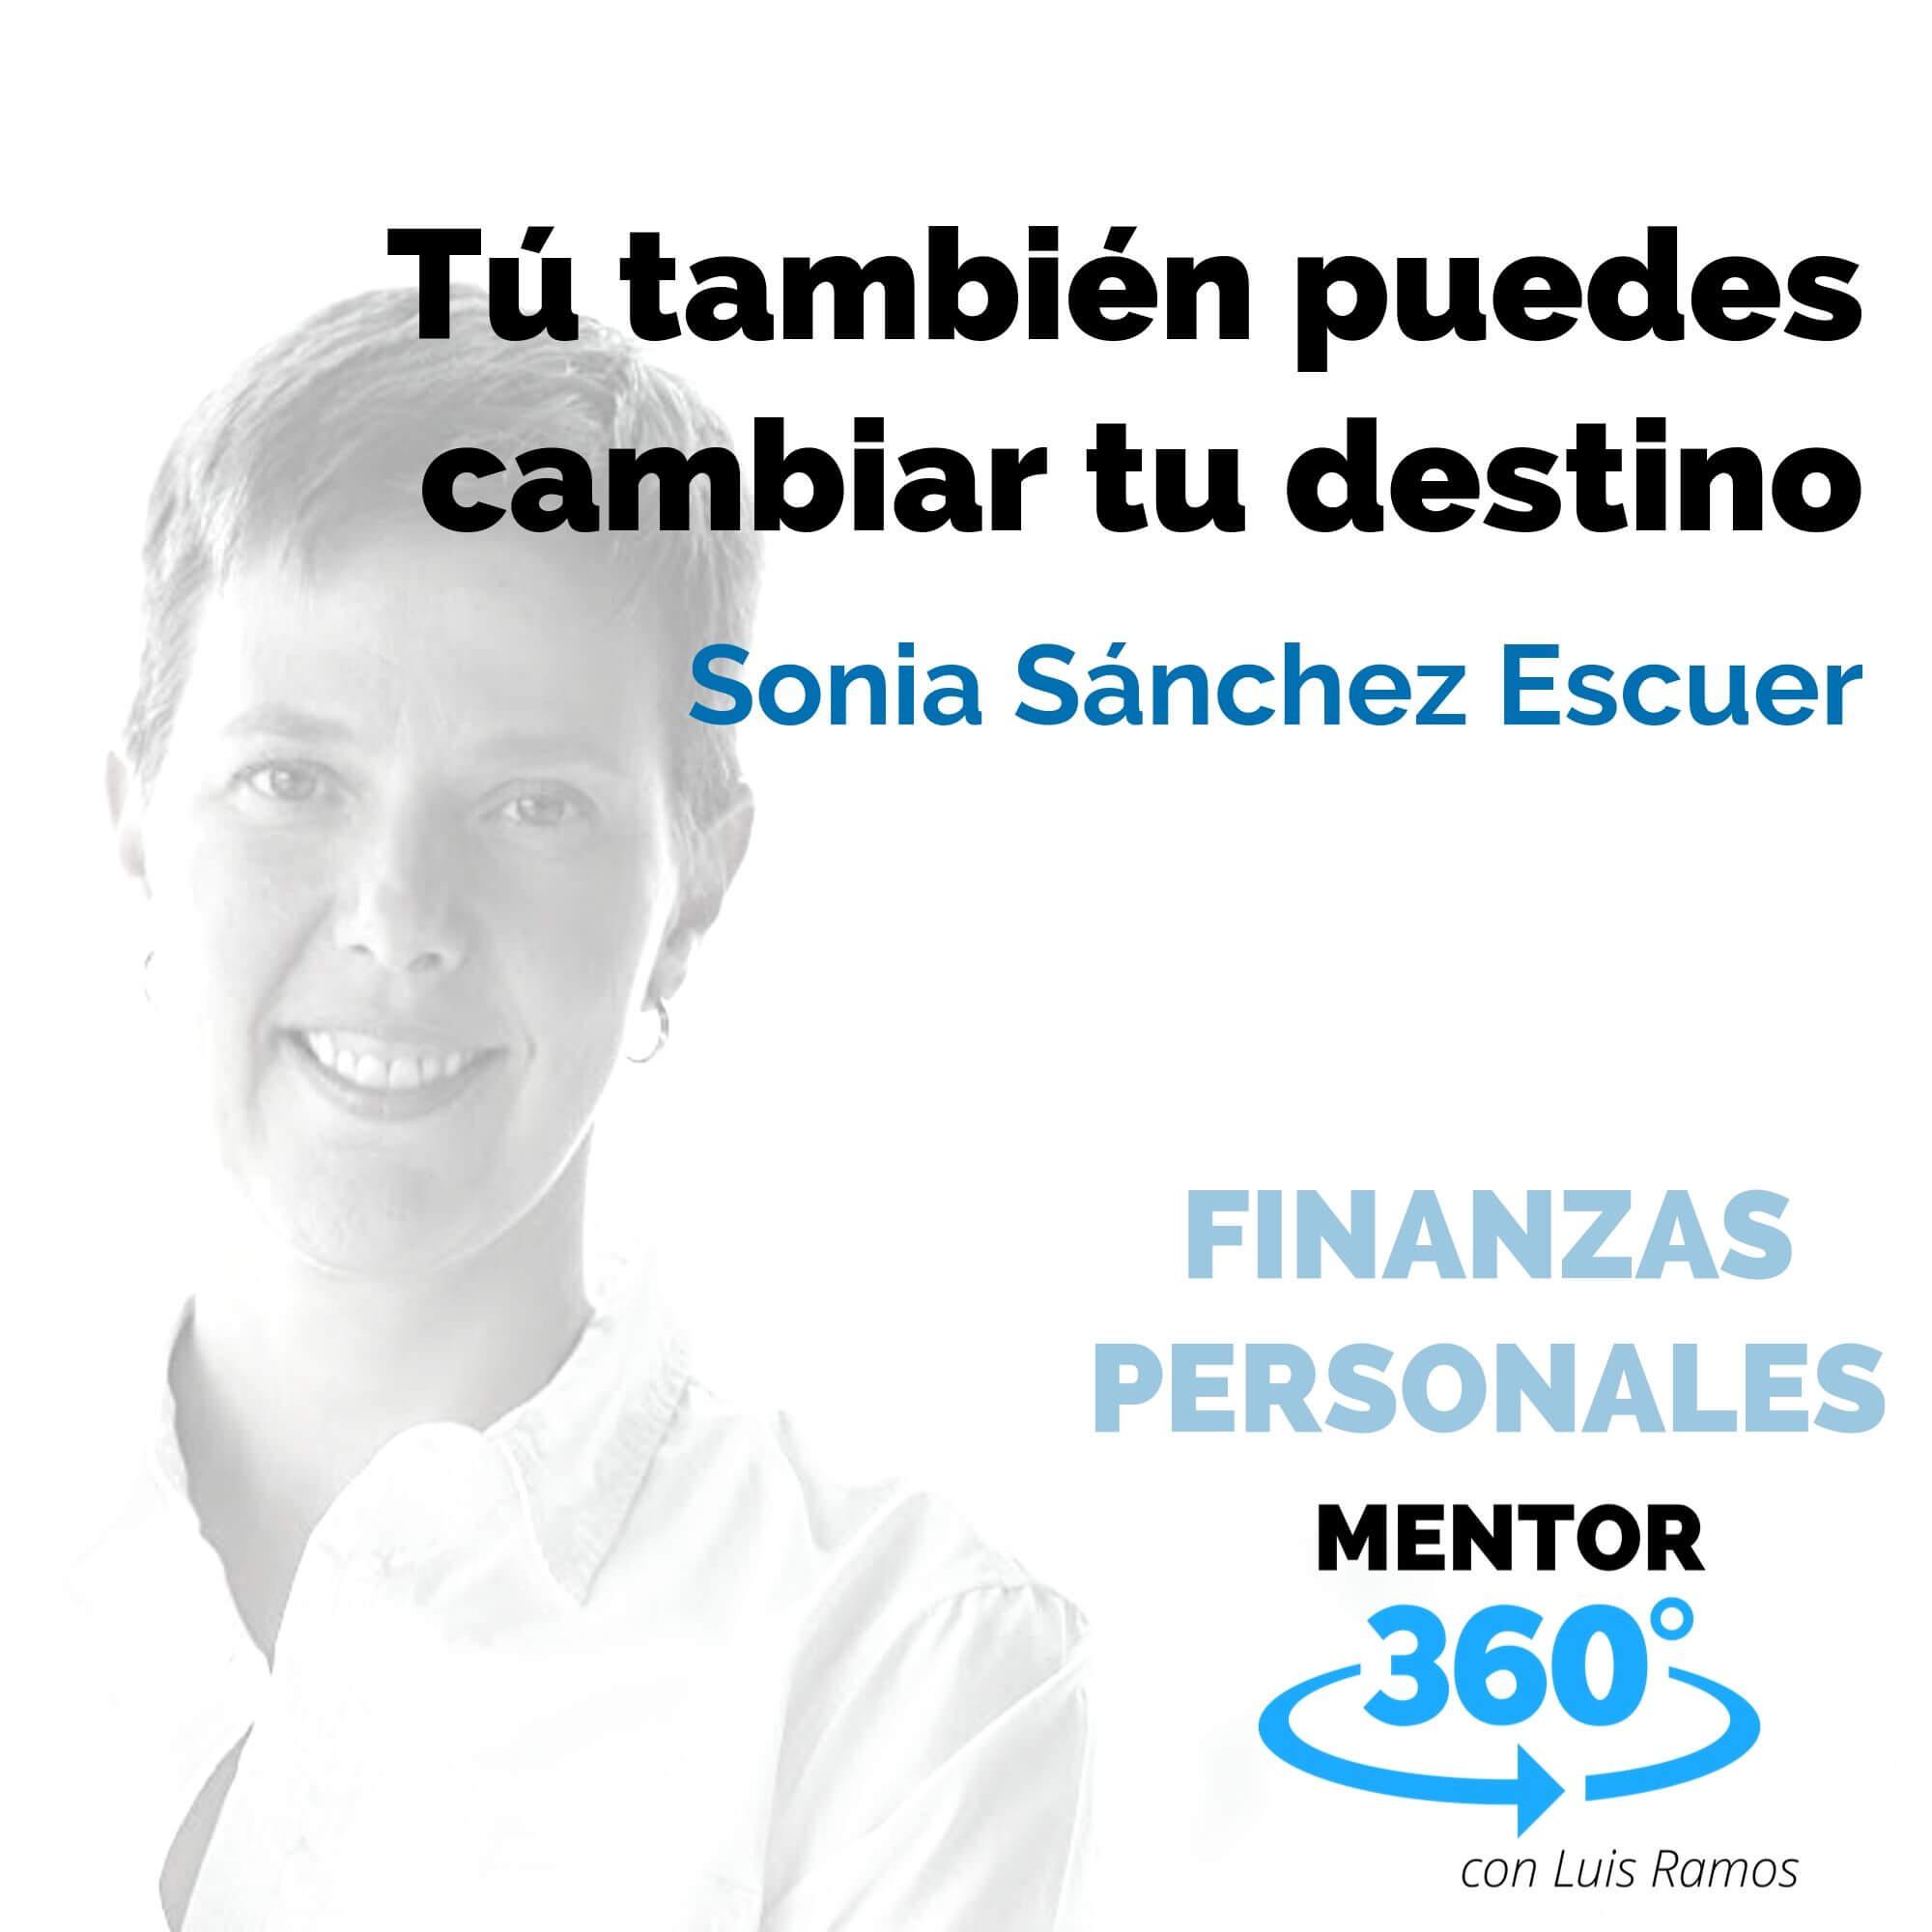 Tú también puedes cambiar tu destino, con Sonia Sánchez Escuer - FINANZAS PERSONALES